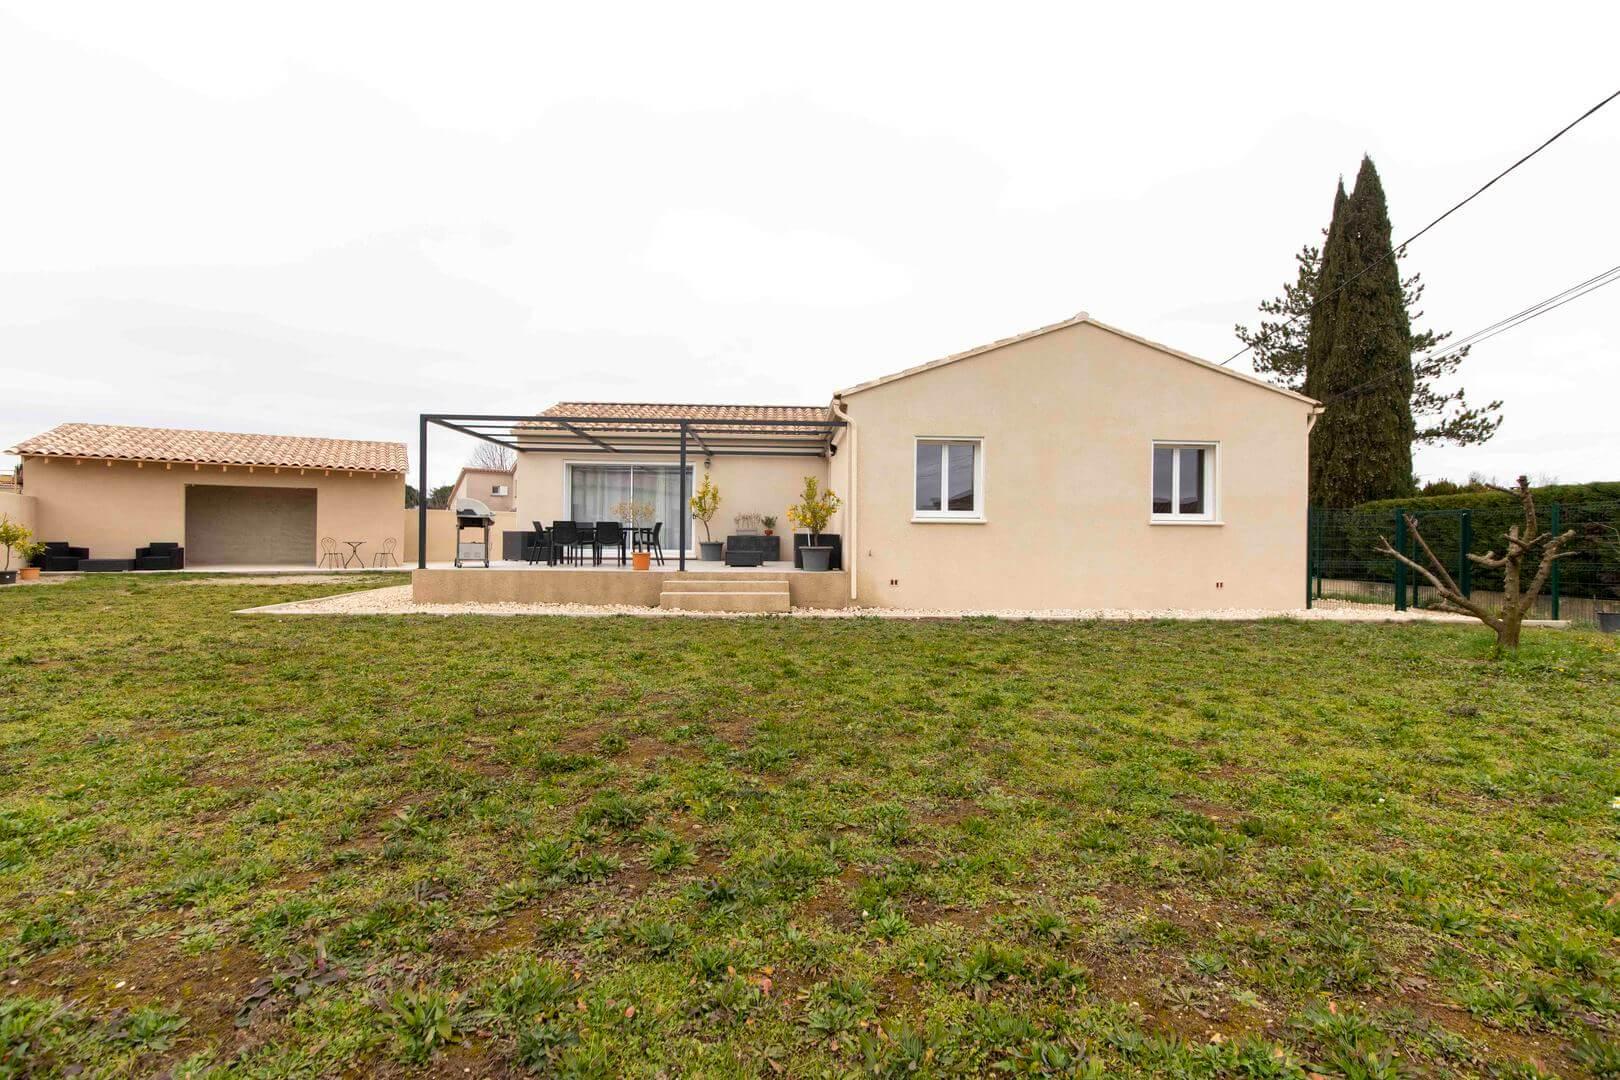 Homki - Vente Maison/villa  de 113.0 m² à Saint-Paul-les-Fonts 30330